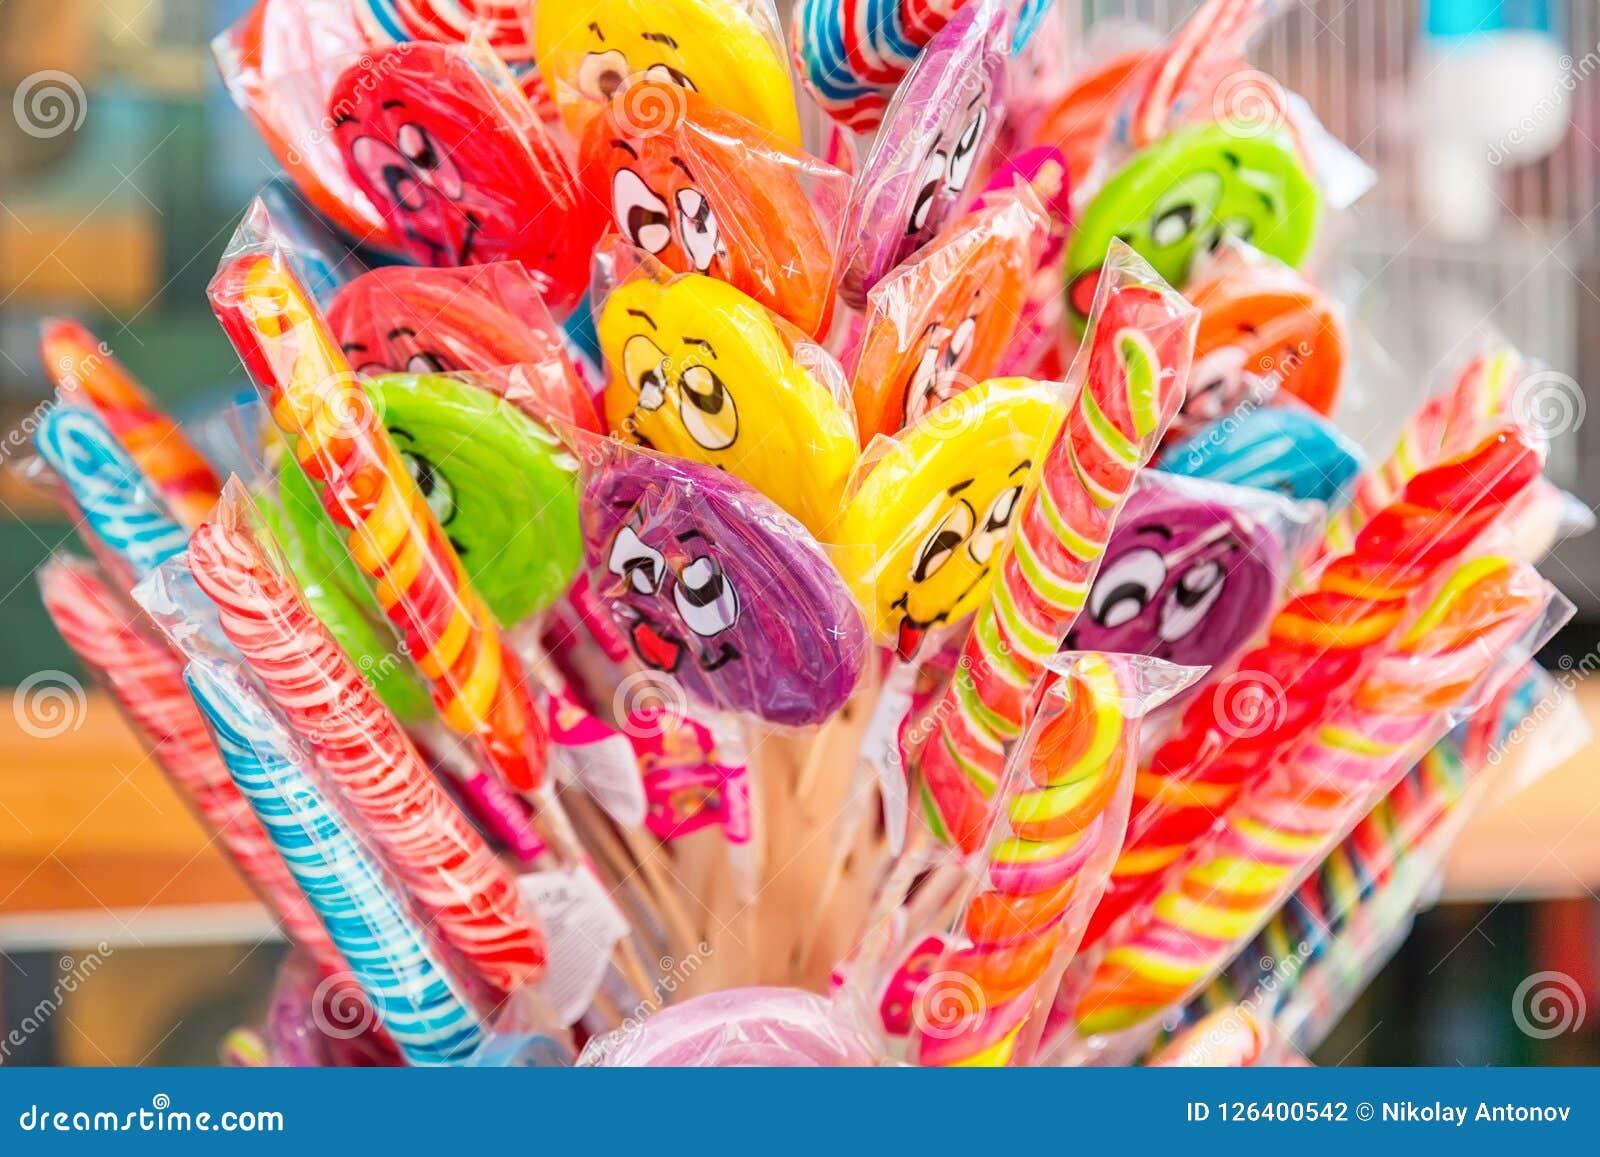 Pirulitos e doces coloridos com caras de sorriso fora para a venda